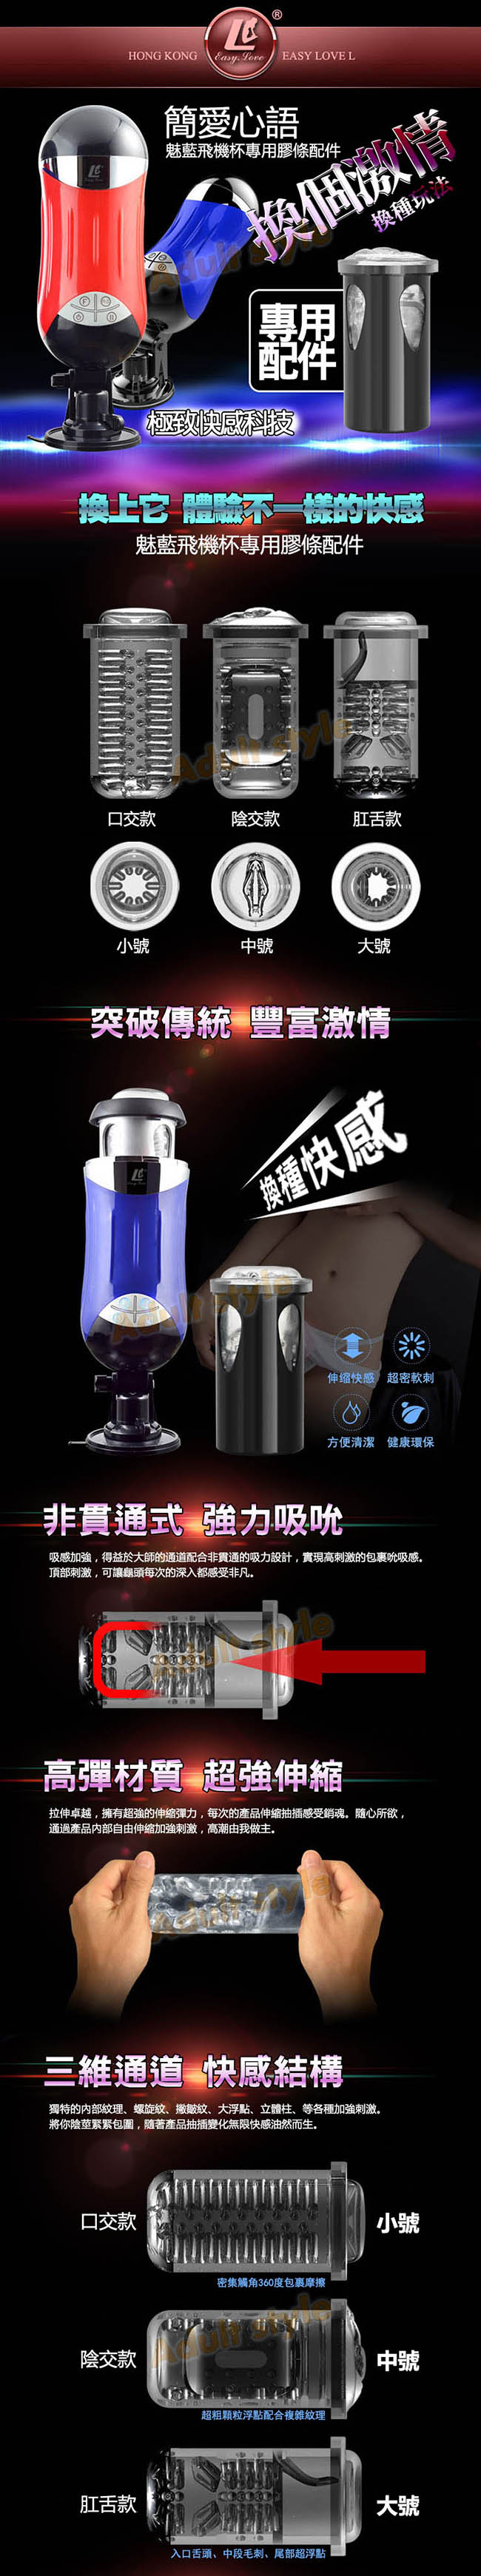 自慰器-活塞魅藍快速抽插男用吸盤自慰杯專用膠條配件(陰交)